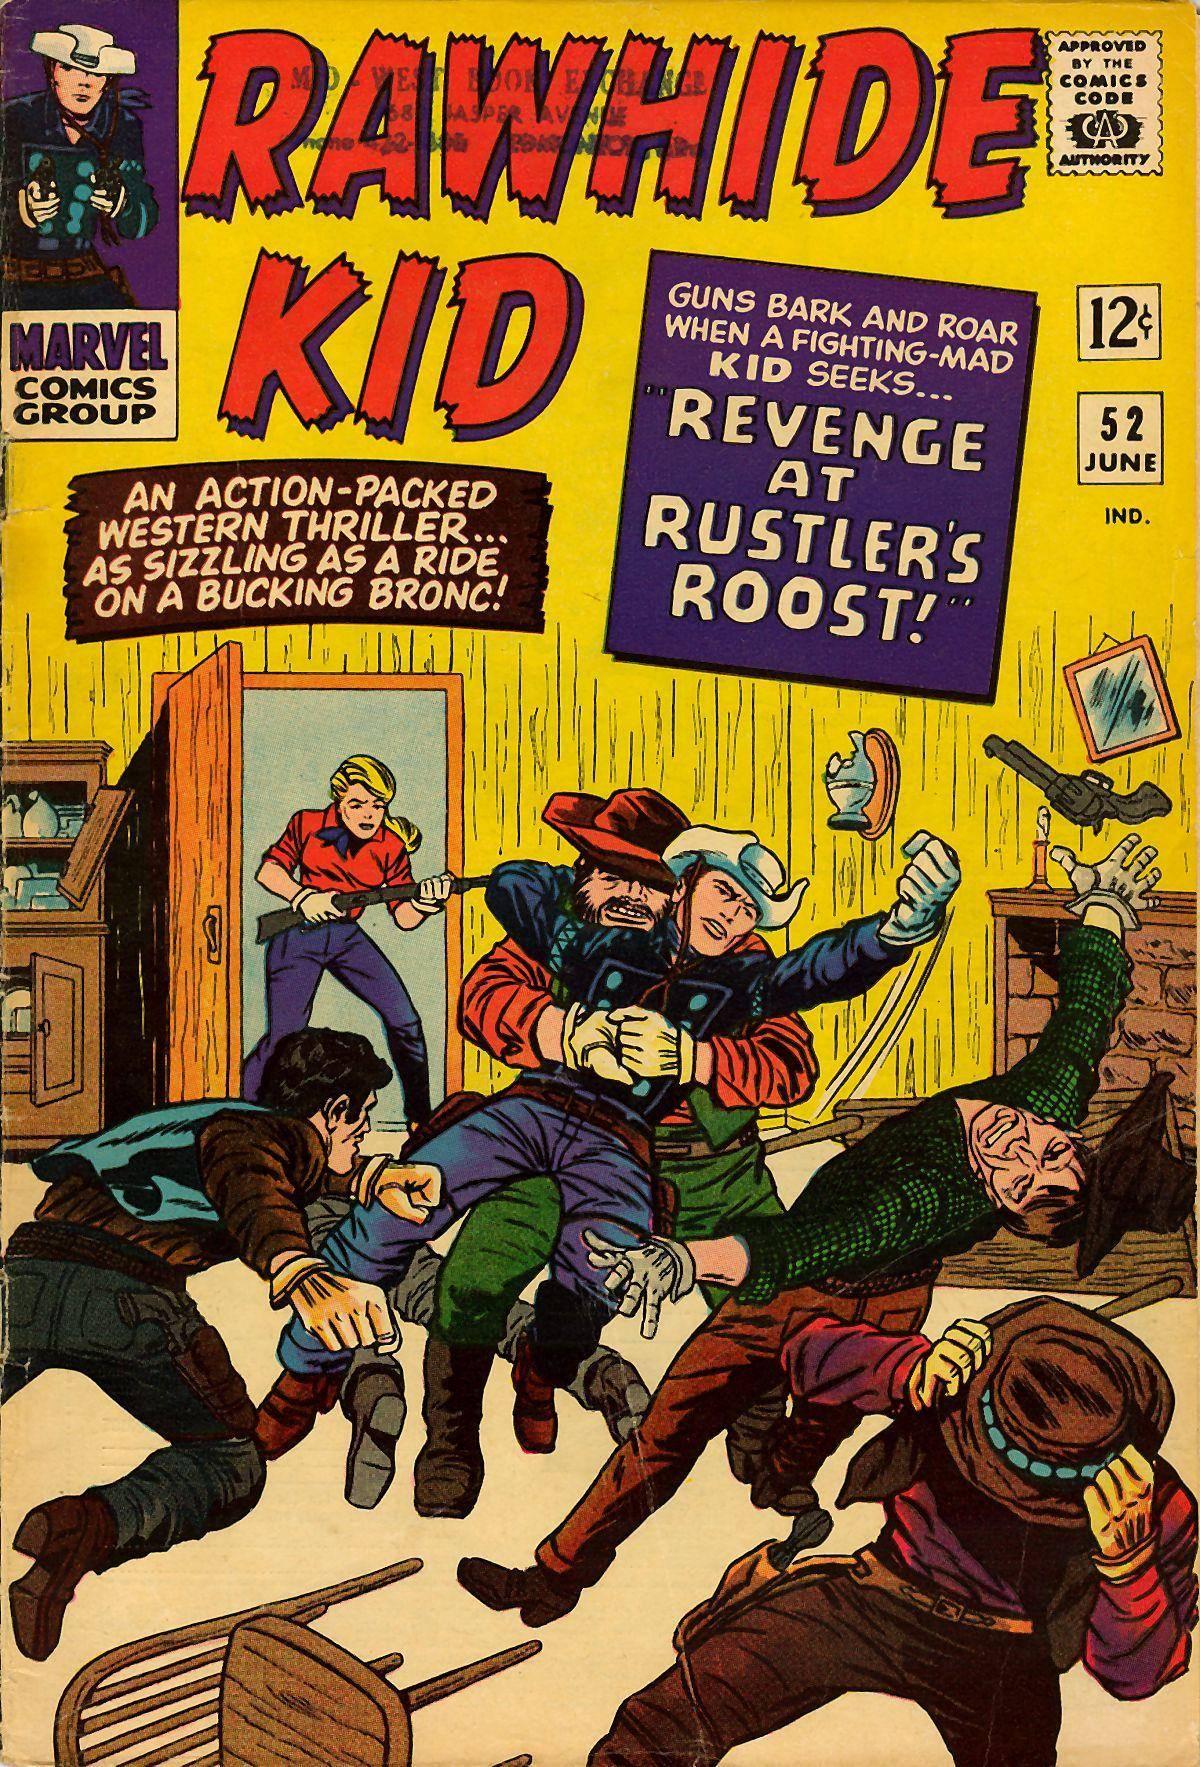 Rawhide Kid v1 052 1966